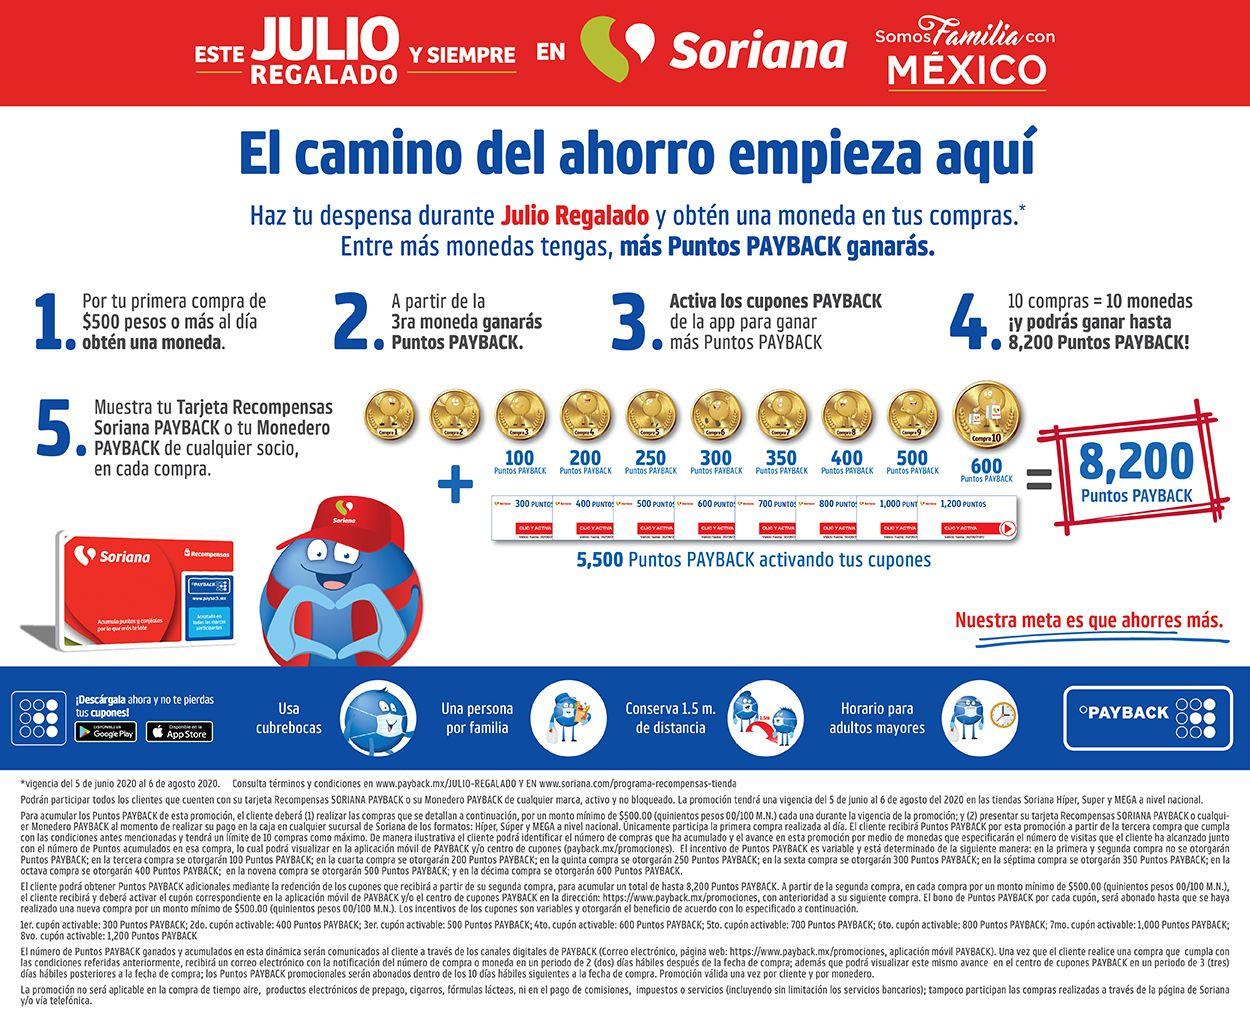 Julio Regalado 2020 en Soriana: Gana hasta 8,200 Puntos Payback = $820) ganando monedas y activando cupones en compras mínimas de $500